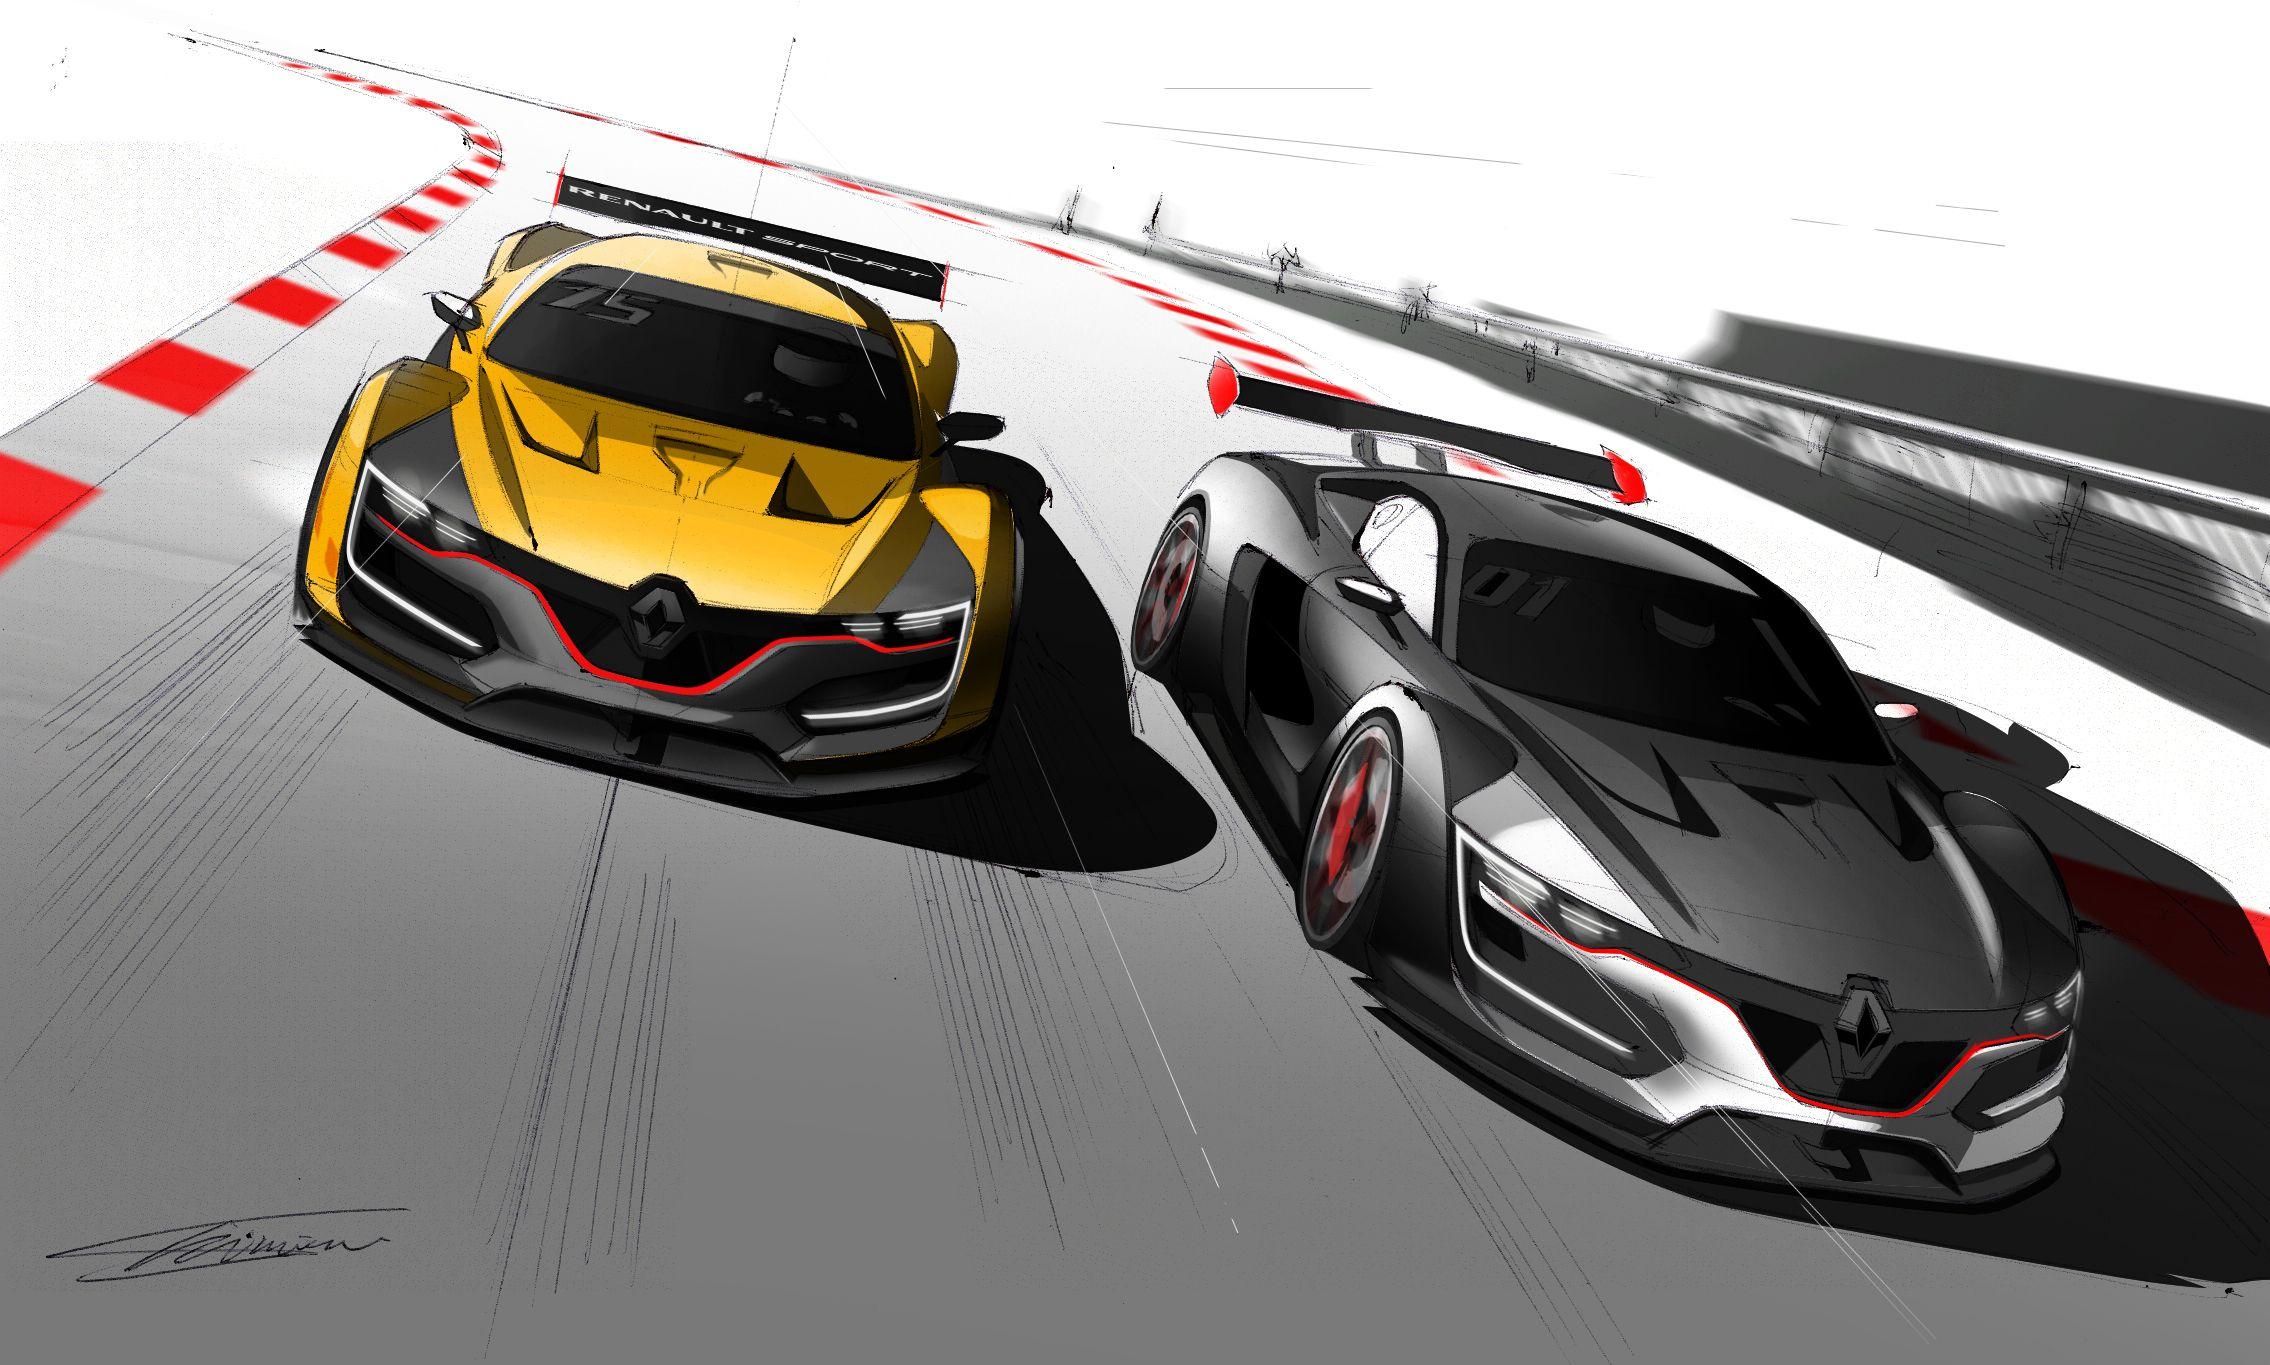 Nuevo Renault Sport R S 01 Renderings 2014: Renault Sport R.S. 01 Gestation Detailed